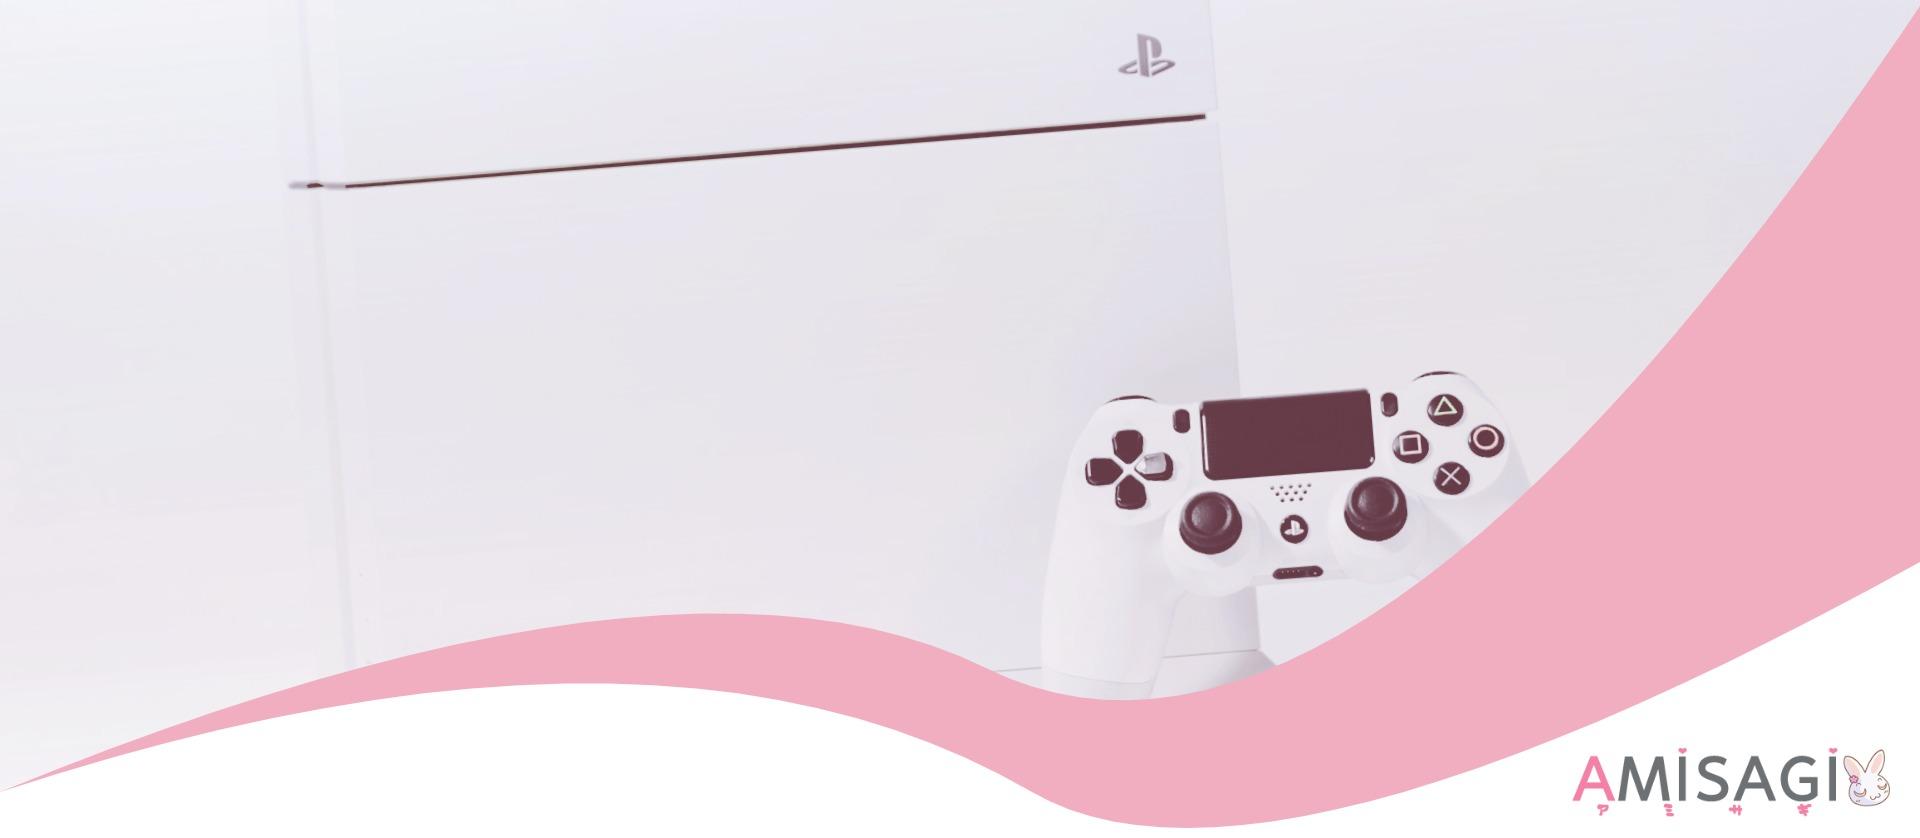 Kaufberatung: Lohnt sich der Kauf einer Sony Playstation 4 (Pro) noch?